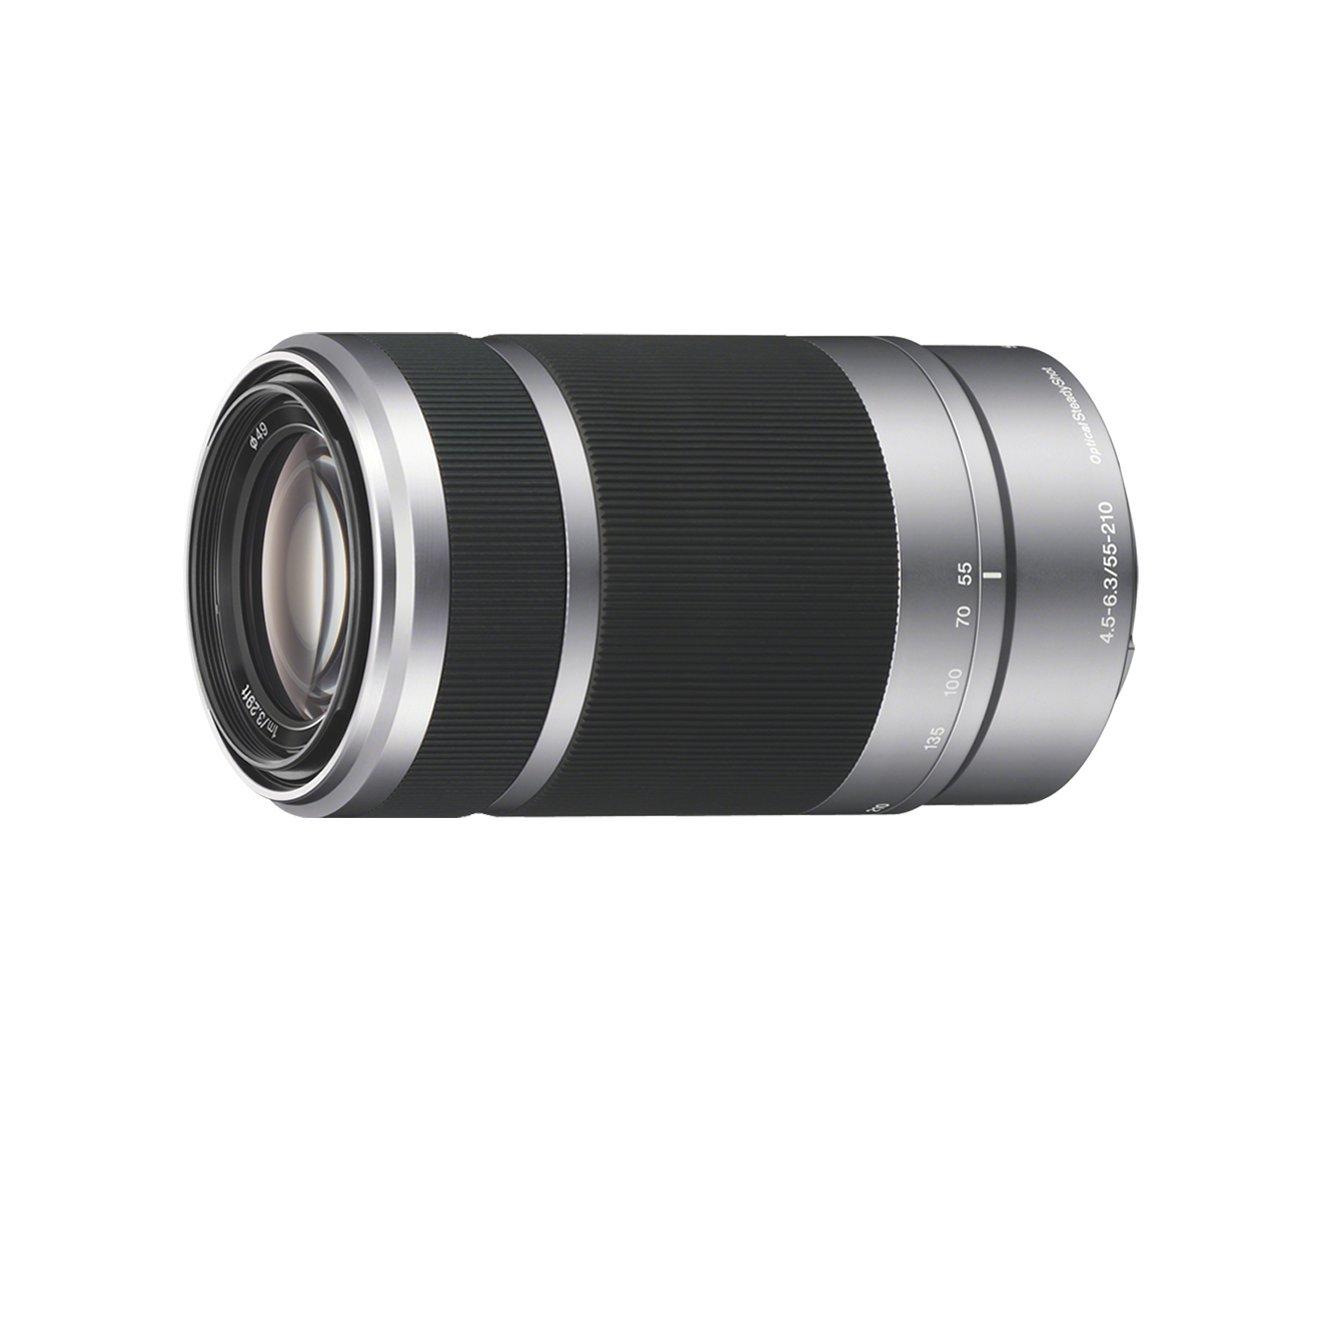 Sony SEL-55210 Tele-Zoom-Objektiv 55-210mm silber